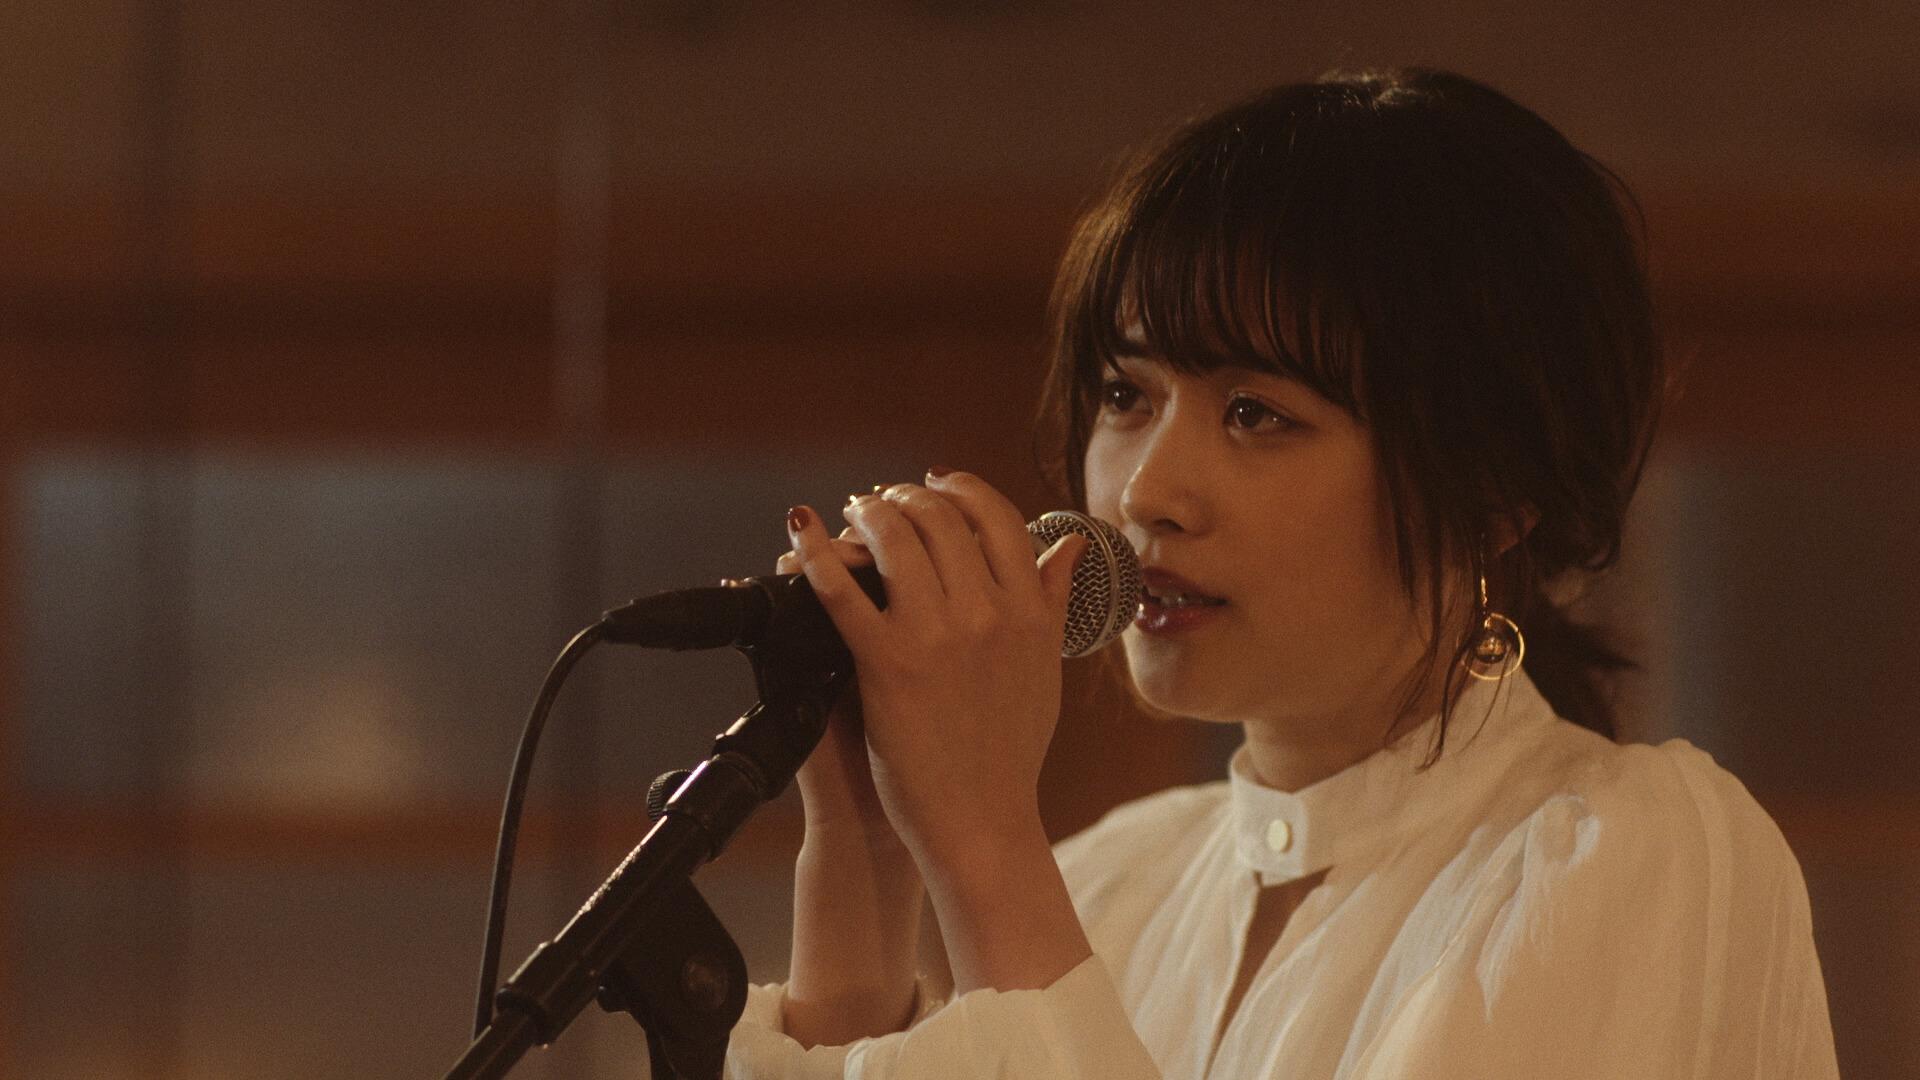 大原櫻子、「ちっぽけな愛のうた」MV公開&5周年ベスト初回限定盤へMV3曲追加収録が決定